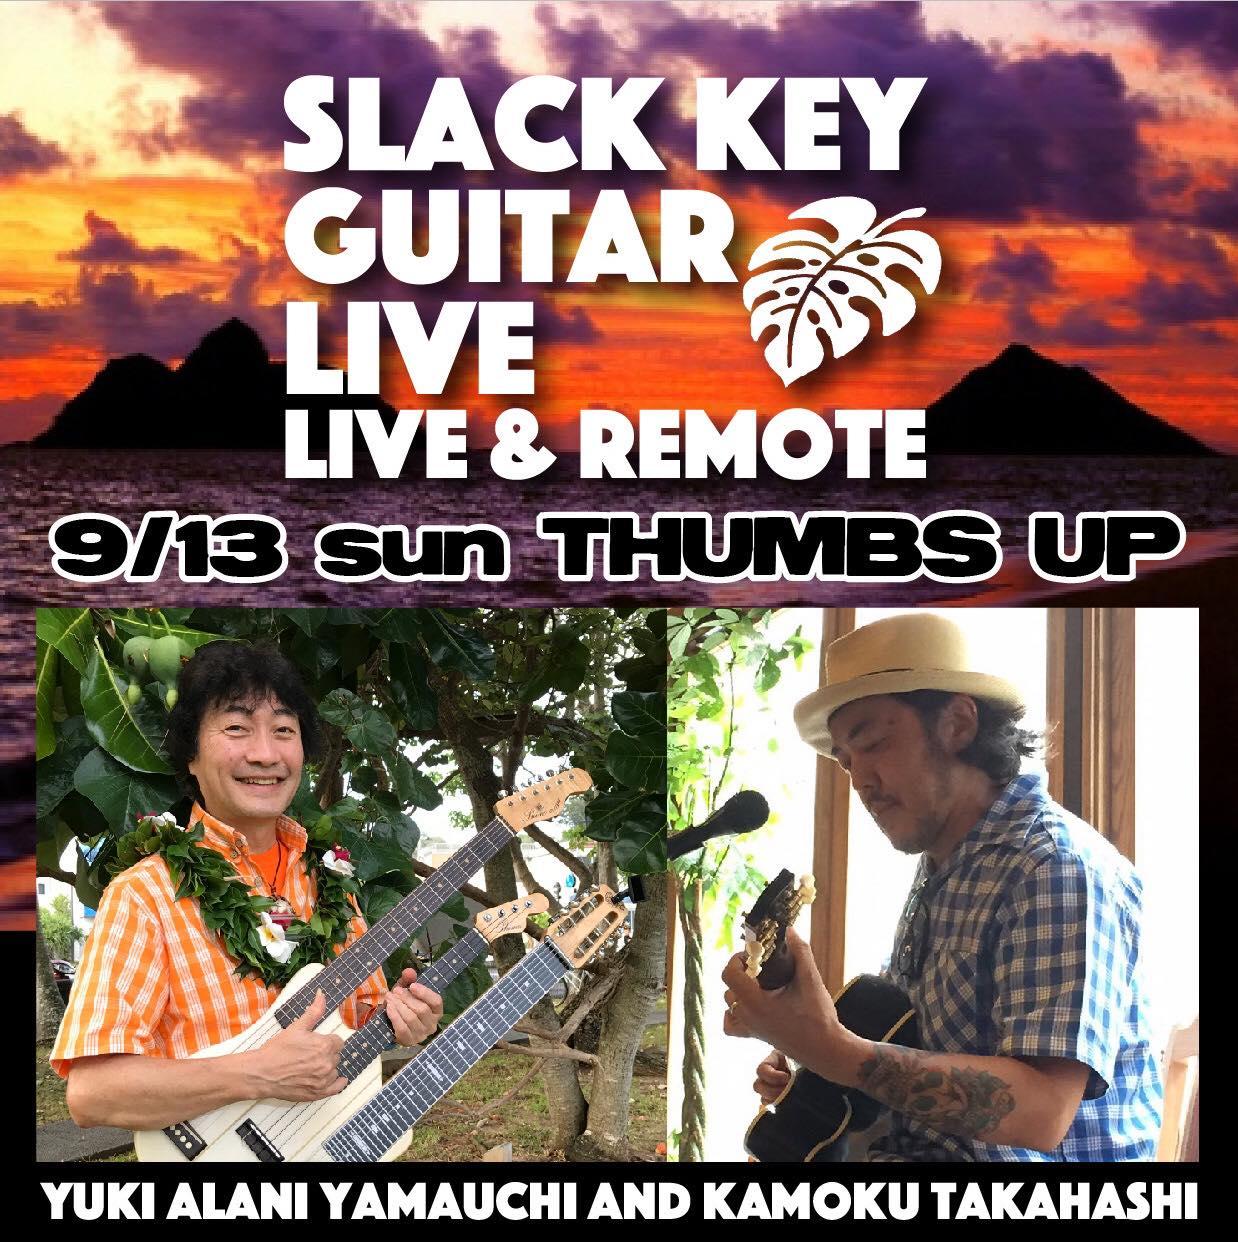 神奈川 Slack Key Guitar Live @ Thumbs Up